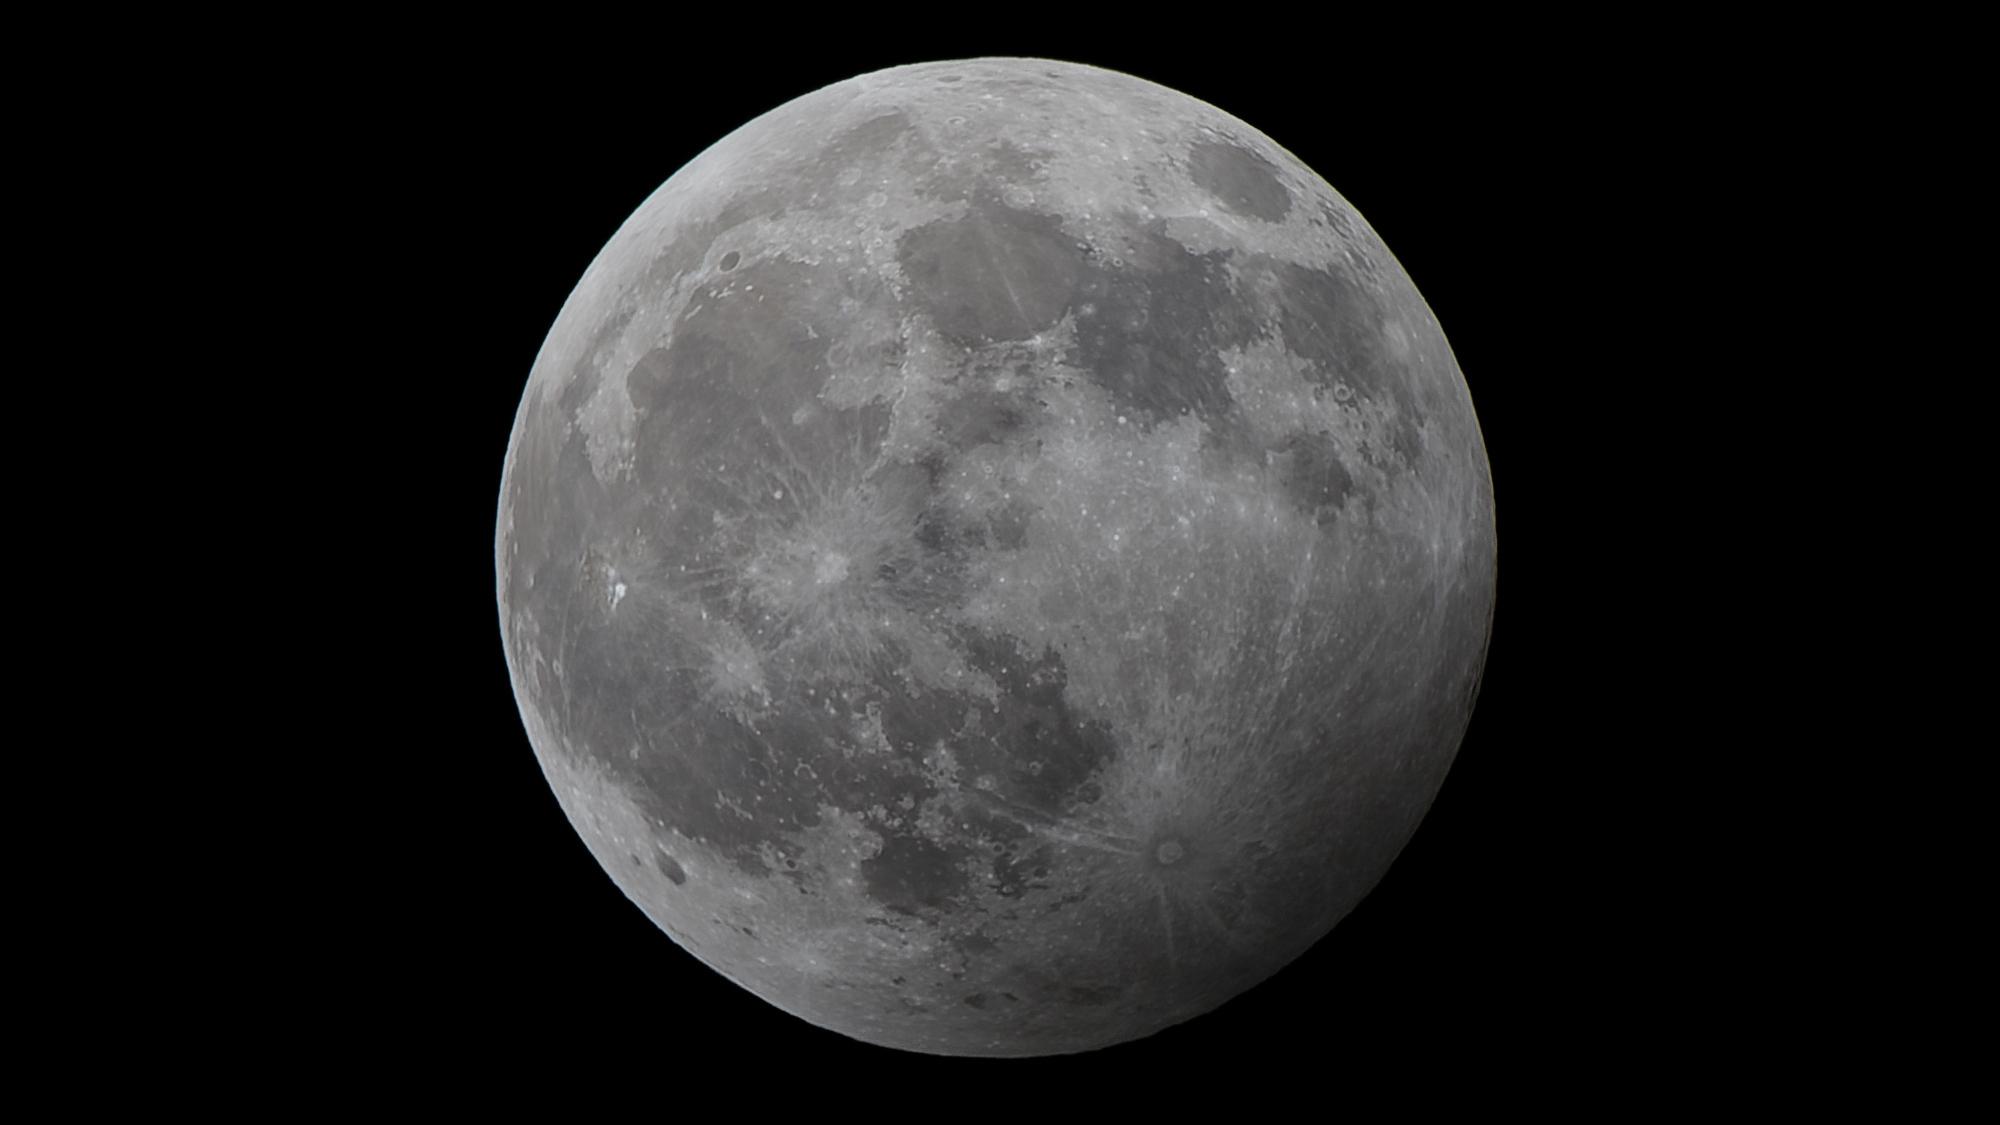 Tältä Kuu näytti Helsingissä kello 21.30. Canon EOS 80D, 400 mm, f/8.0, 1/400 s, ISO 100. Kuva: Antoine Chauveau.]